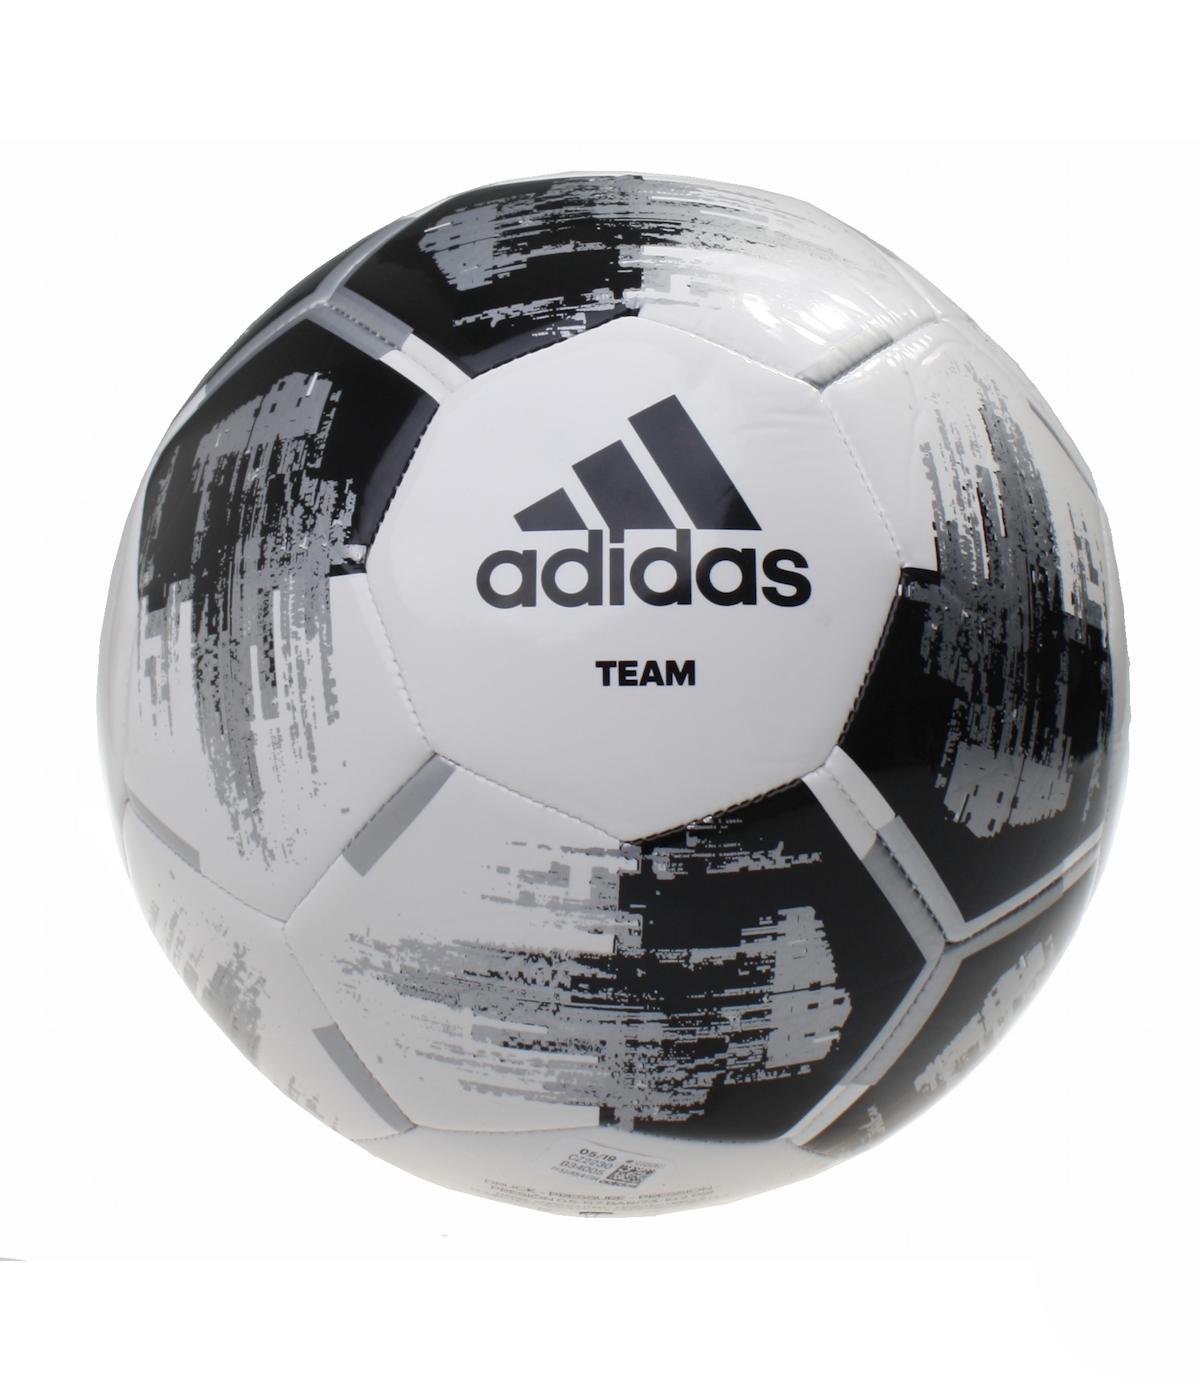 Adidas Fußball CZ2230 Team Glider Ball in Gr. 5